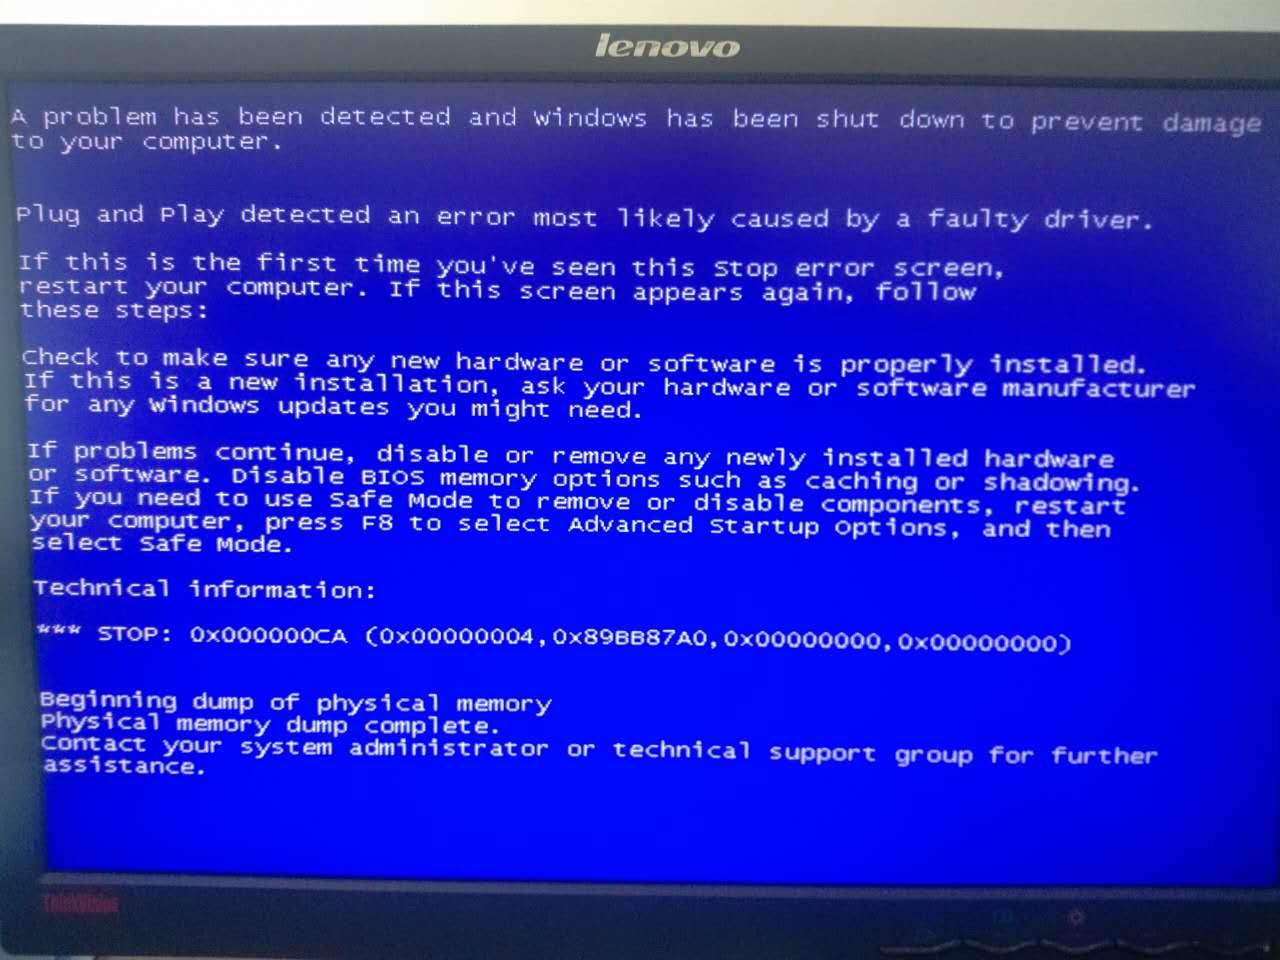 通过事件查看器找电脑蓝屏原因并升级出问题的驱动